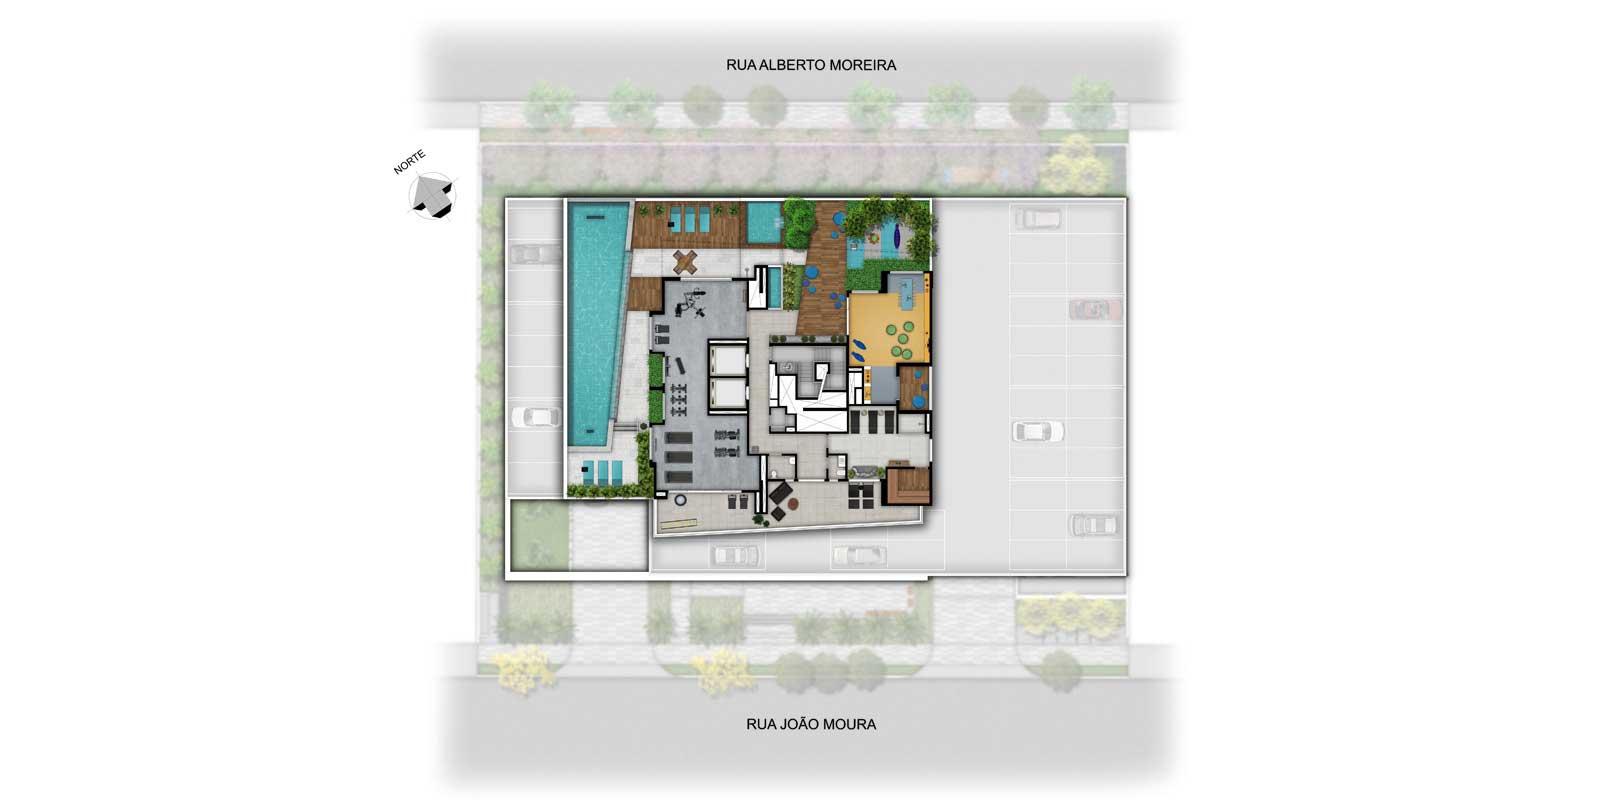 origem-vila-madalena-_plantas_04072016_af79b469fe